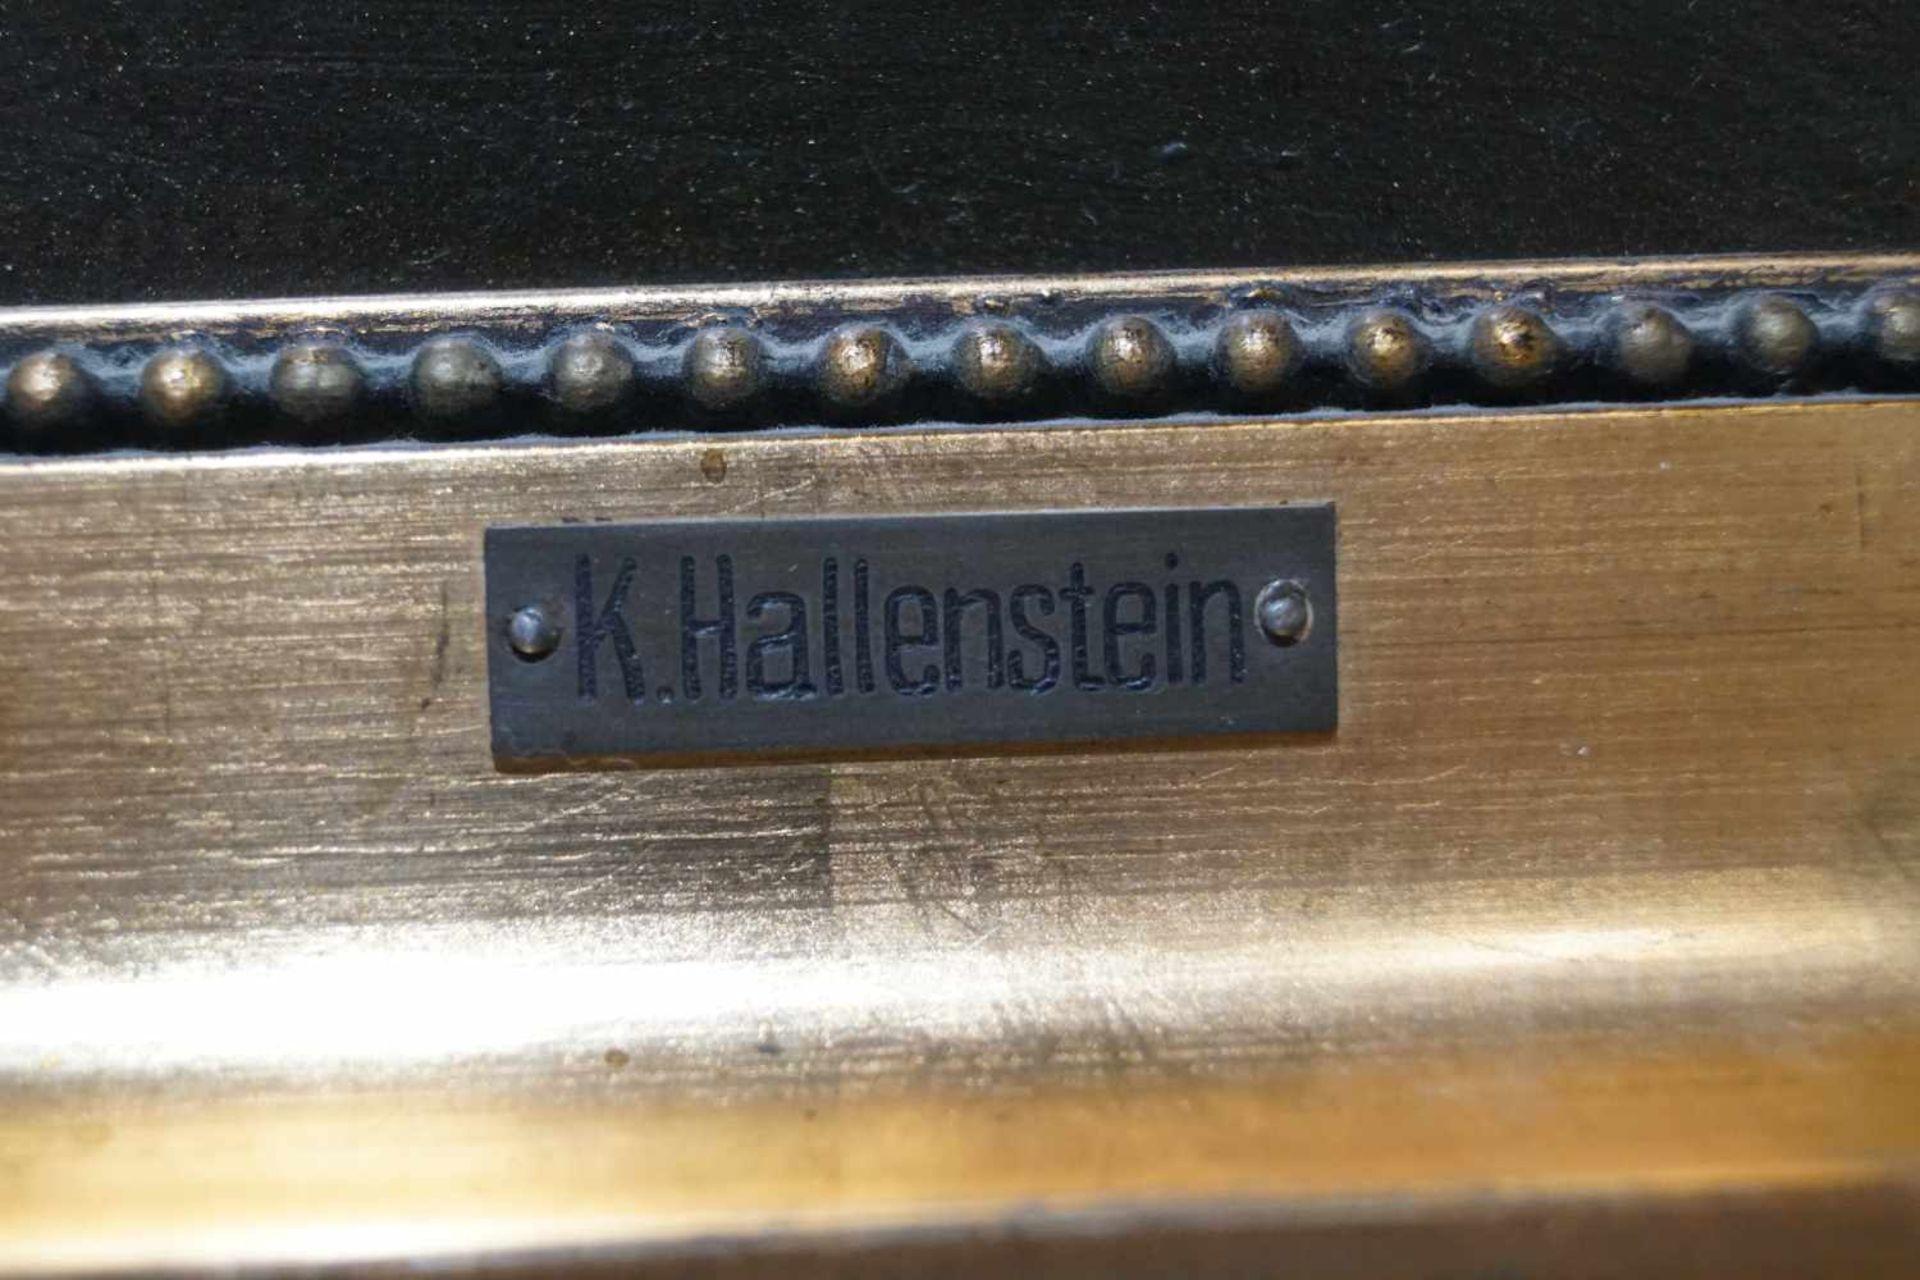 Zwei kleine Mondscheinlandschaften Konrad Hallenstein, Öl auf Karton, gerahmt, Höhe 21,5 cm x Breite - Bild 6 aus 6